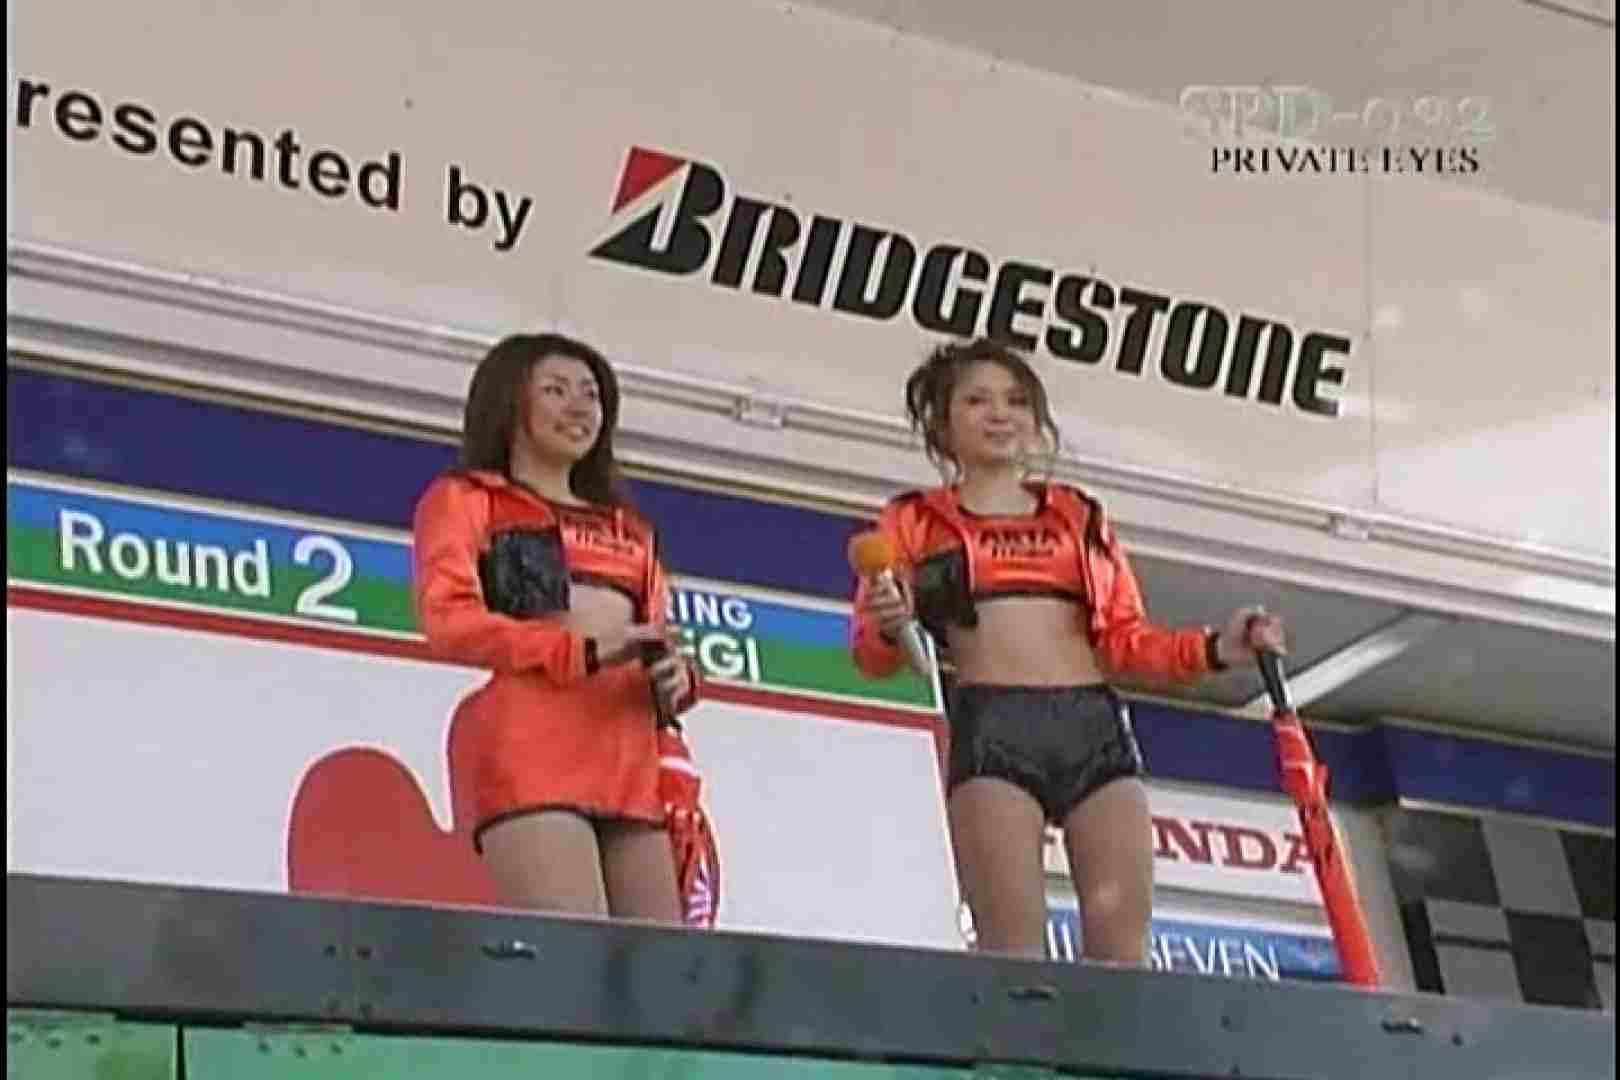 高画質版!SPD-032 サーキットの女神達 00'日本第2戦 MOTEGI プライベート エロ無料画像 89pic 38